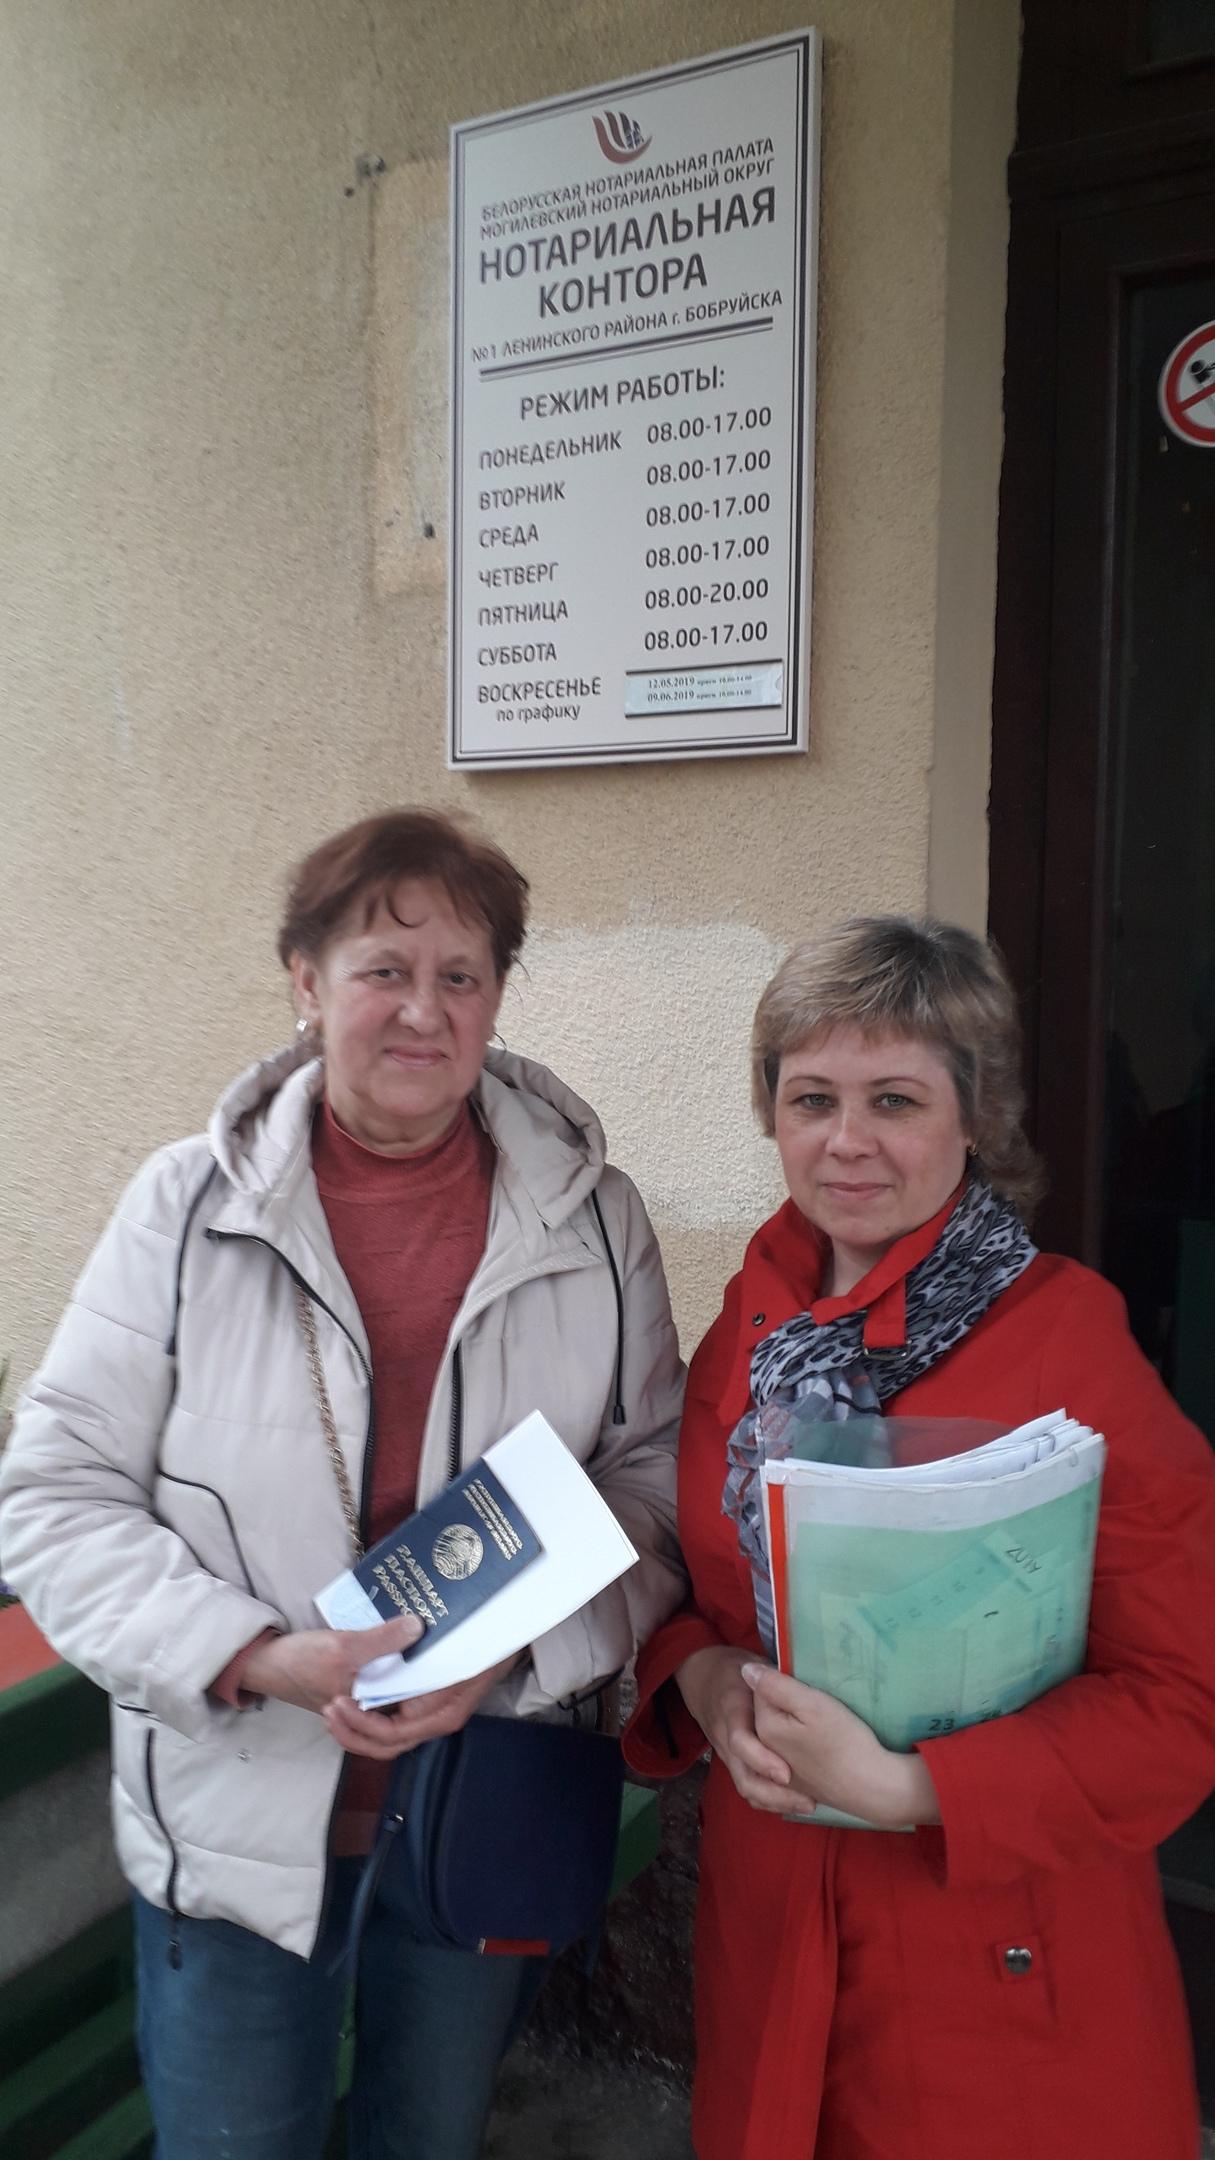 Услугами переводчика жестового языка в Ленинском районе Бобруйска пользуются 70 горожан, изображение №1